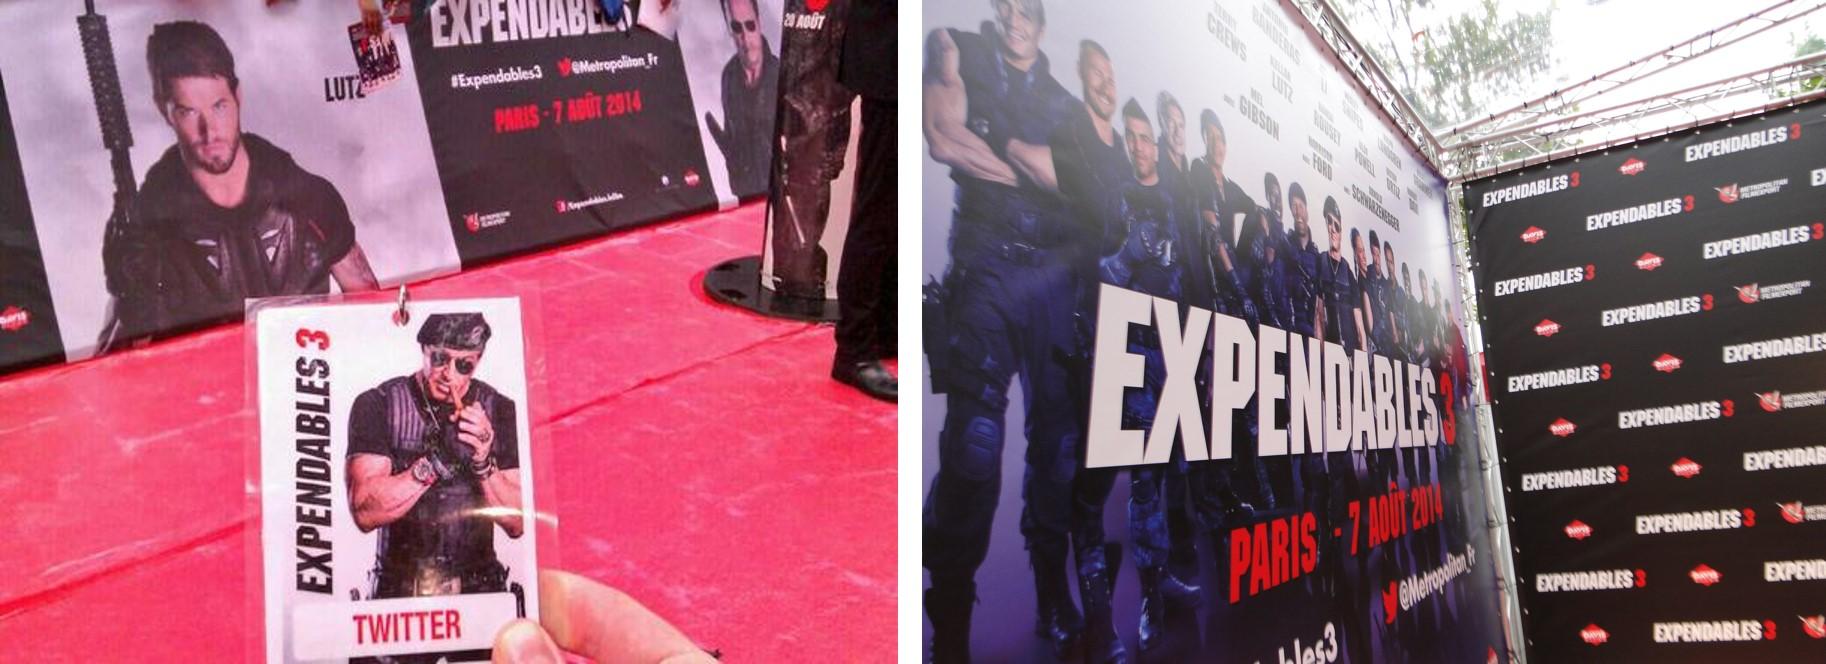 EXPENDABLES 3 - Avant-première Paris Aout 2014 6 - Go with the Blog